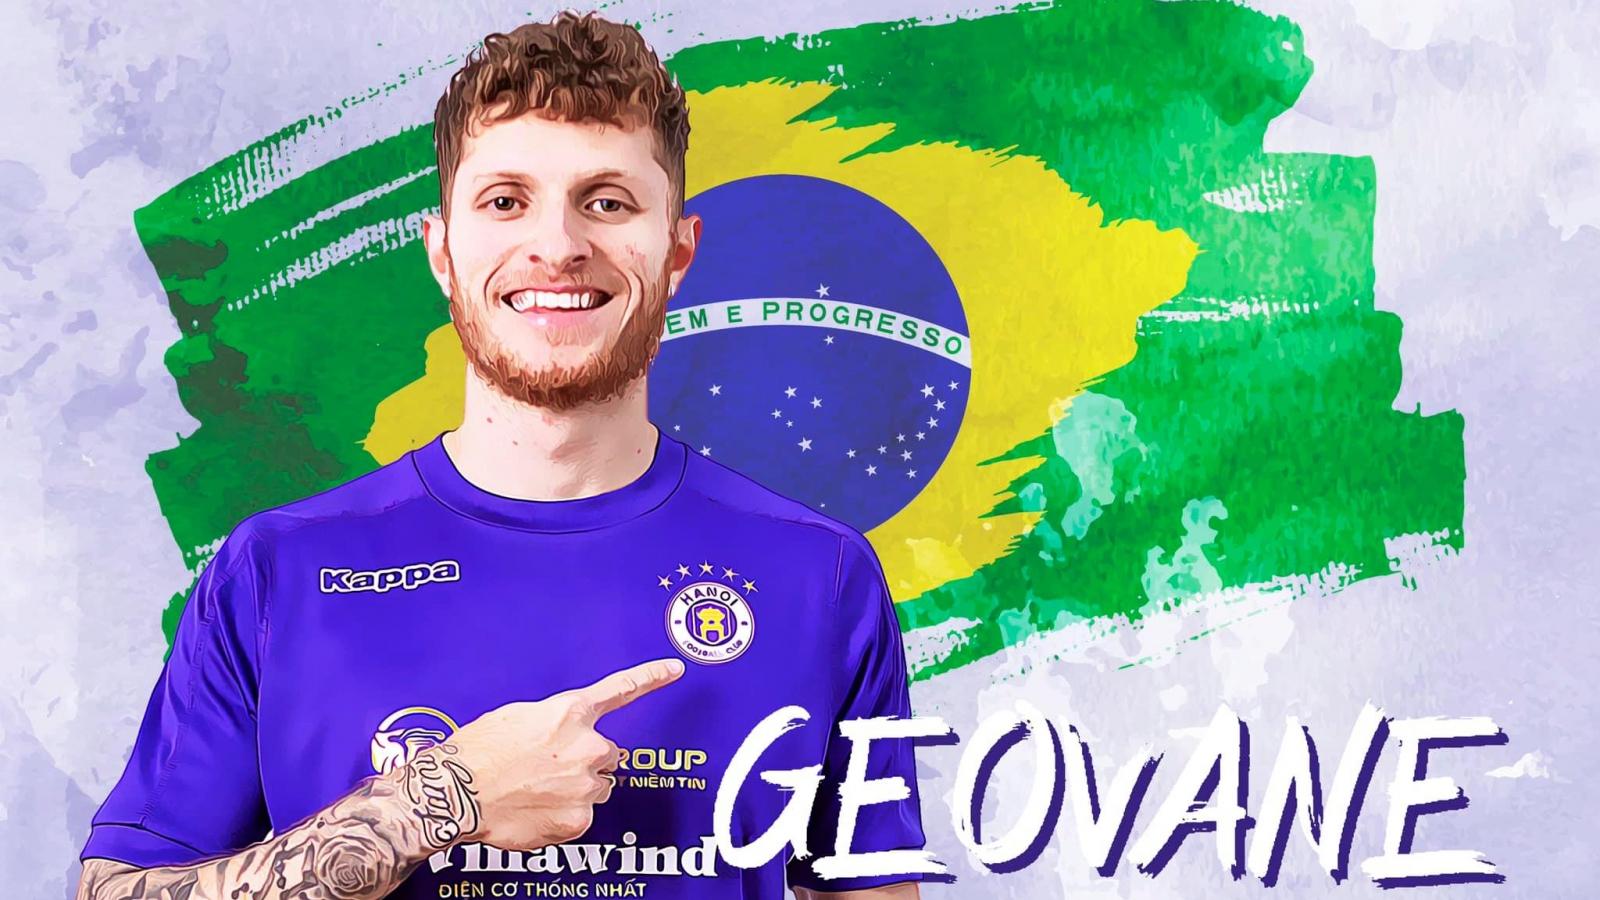 Hà Nội FC - Giấc mơ trở thành sự thật của Geovane Magno